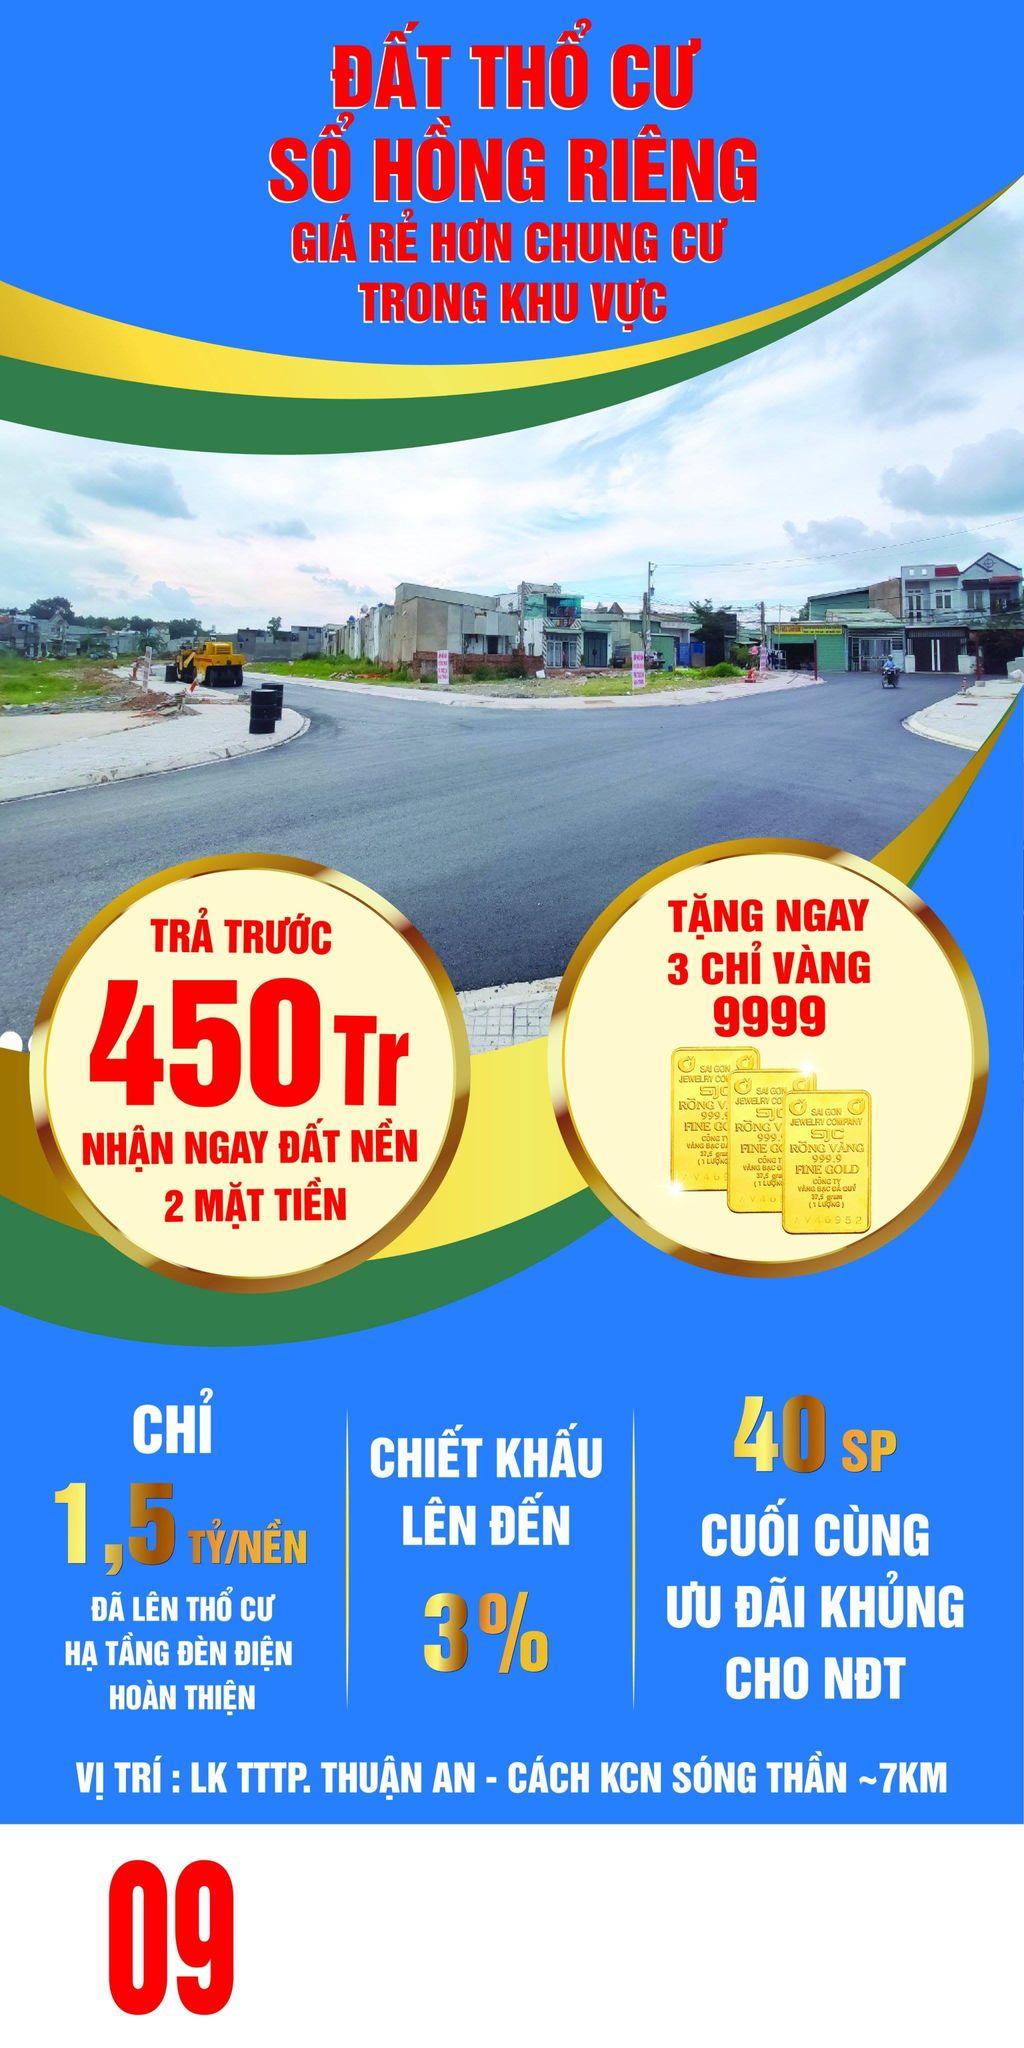 Cơn sốt đất thổ cư Thuận An đón sóng FDI 4